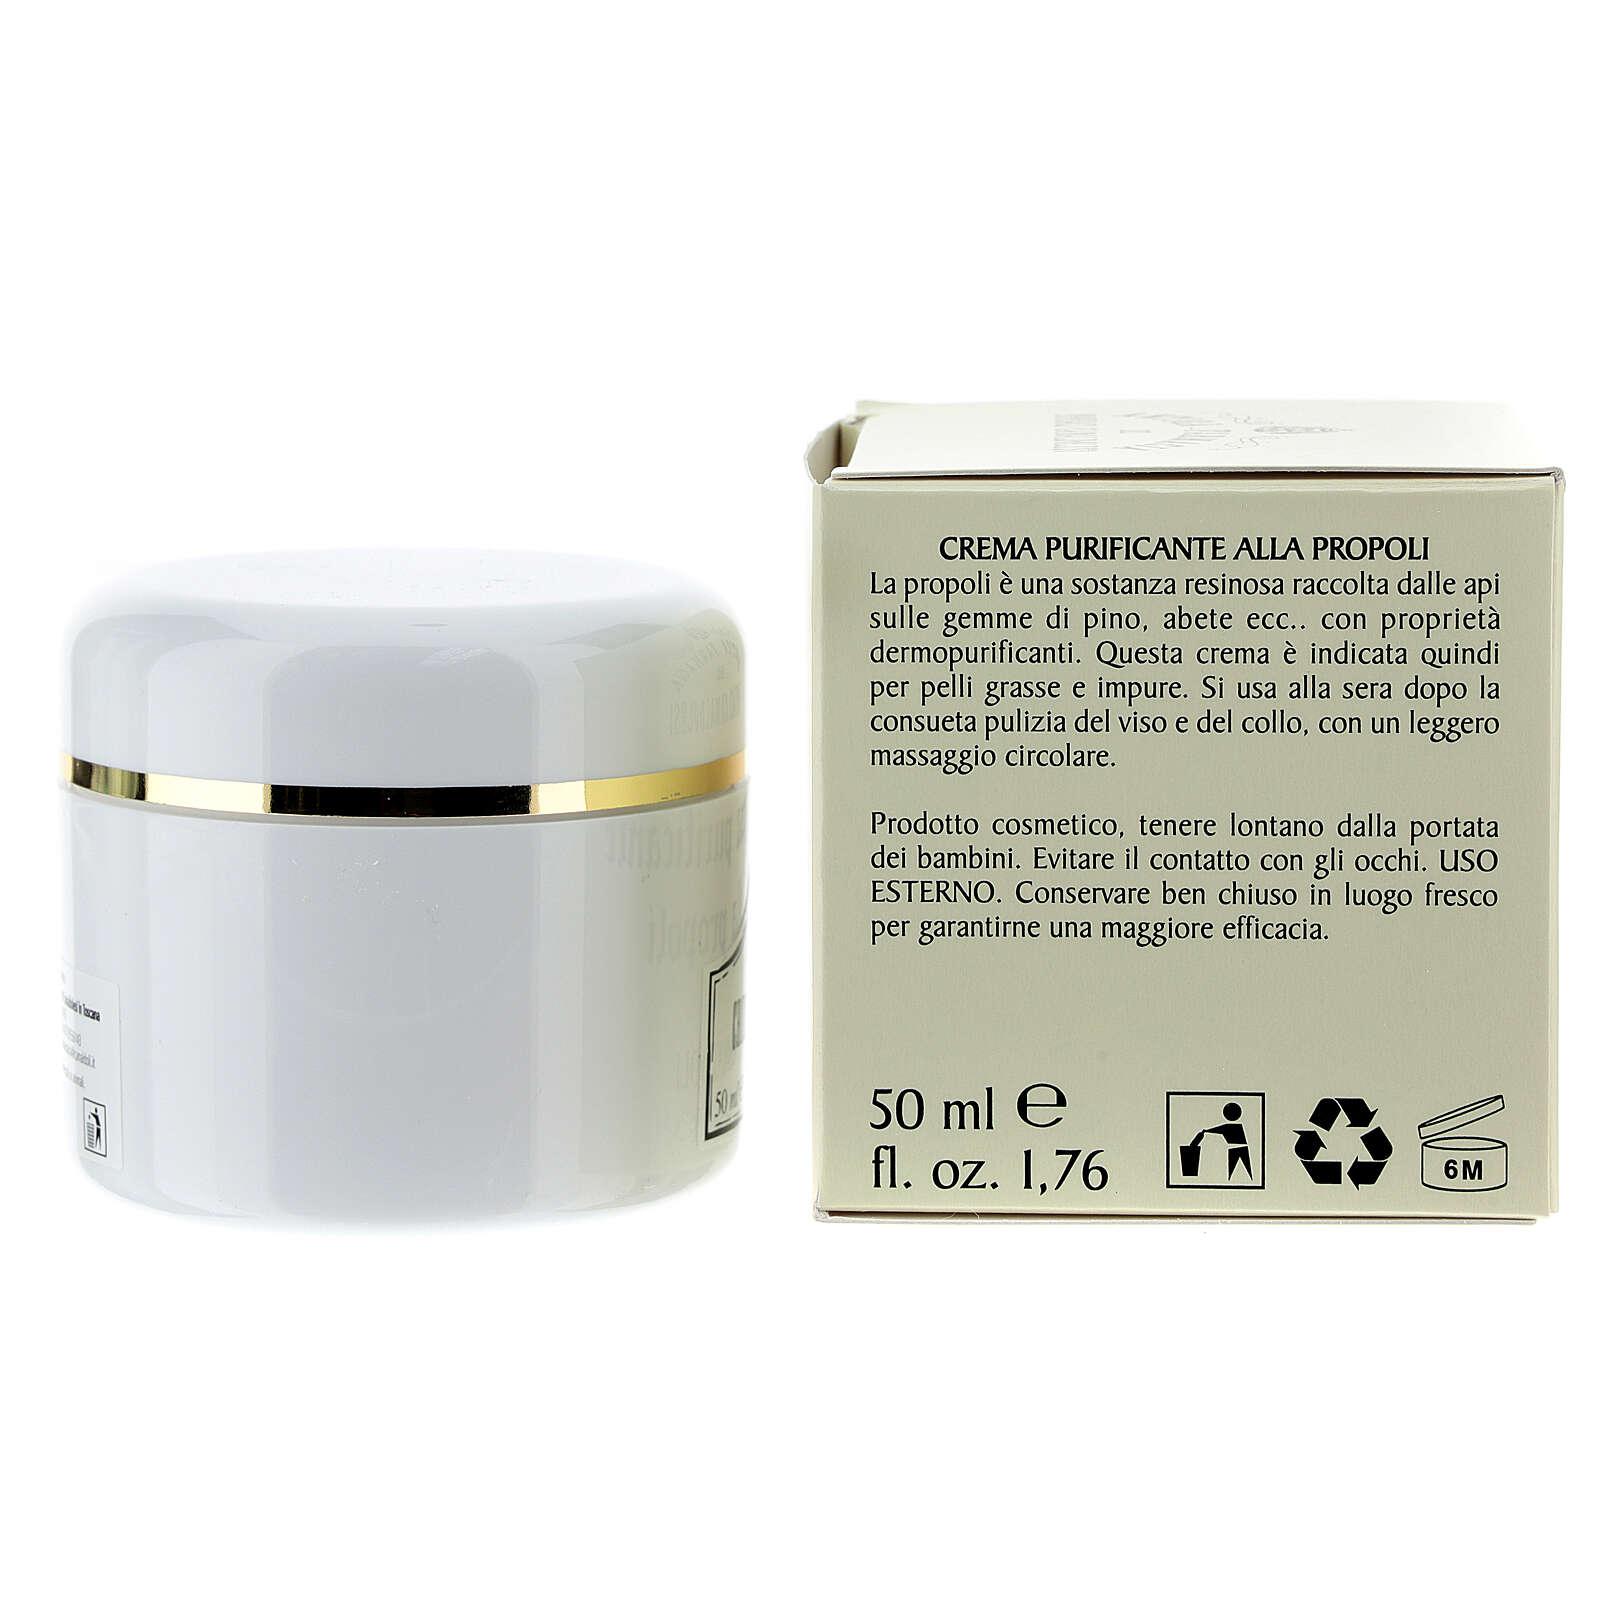 Crema Purificante ai Propoli 50 ml 4